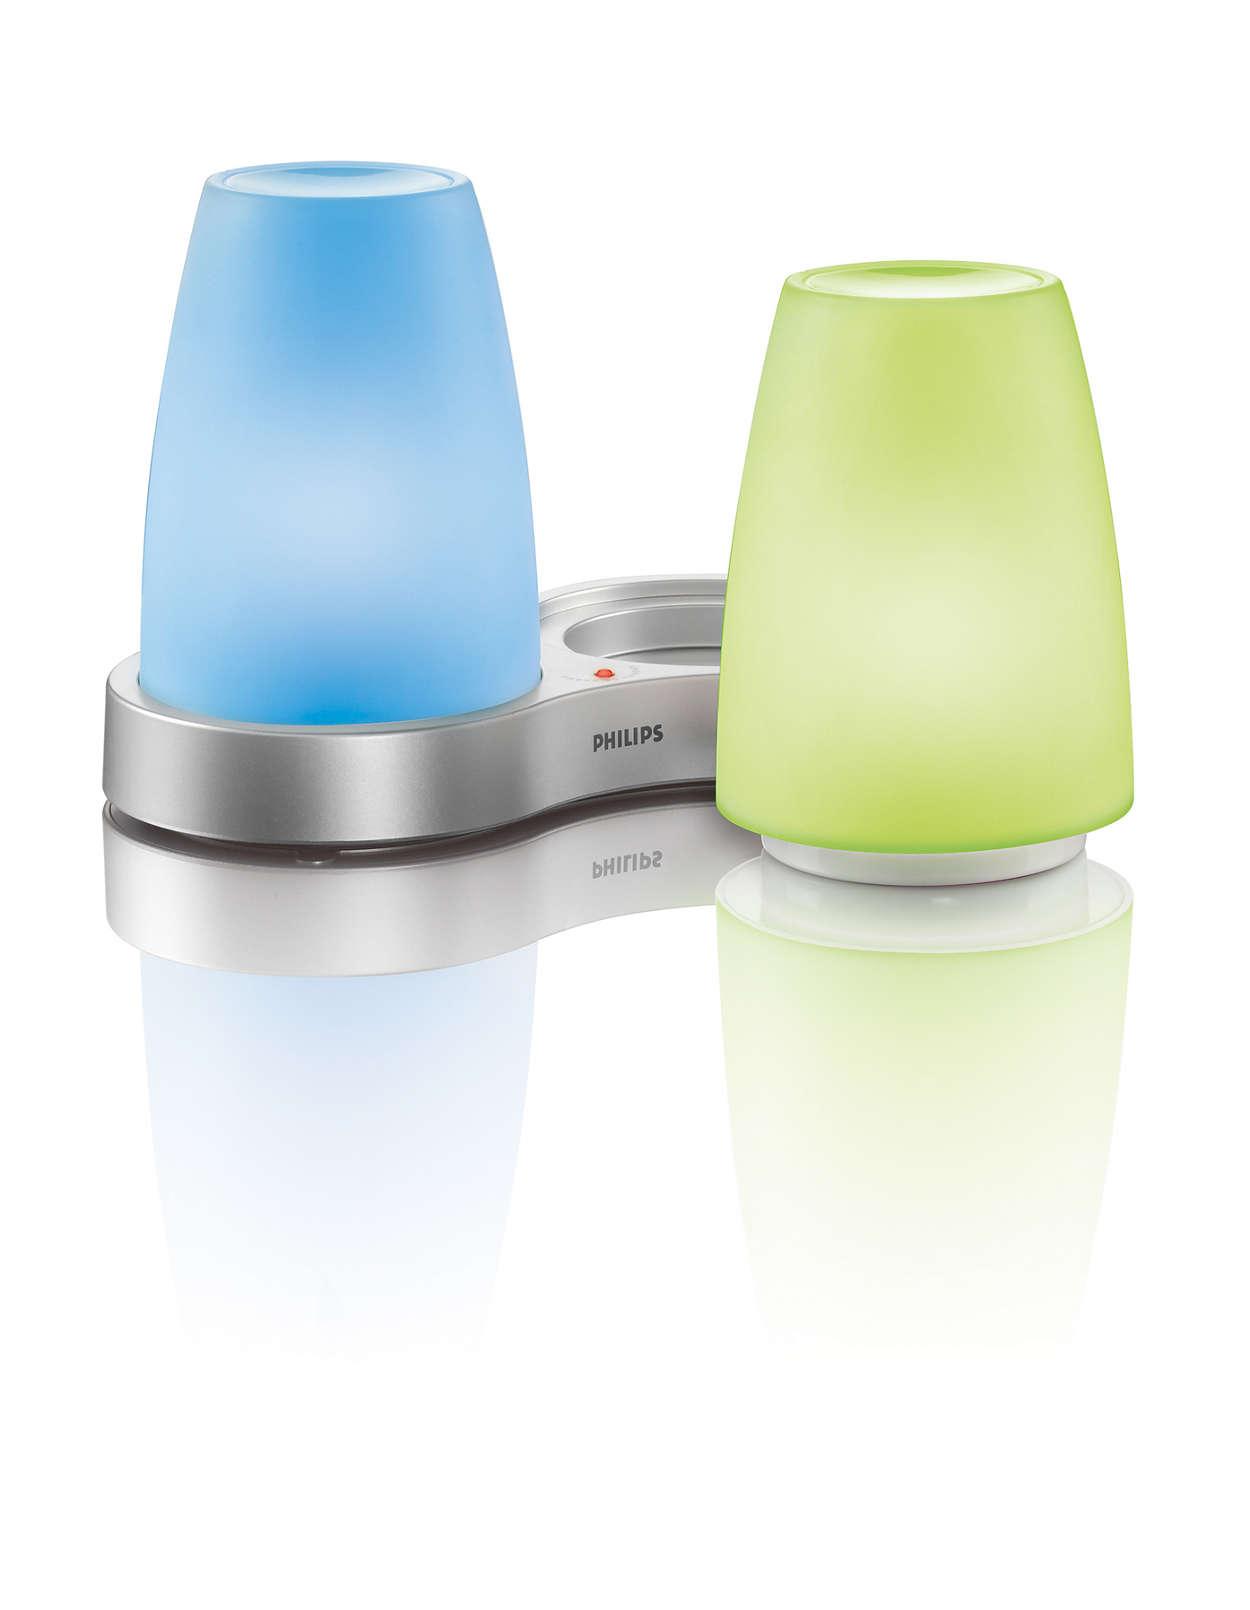 Crie um ambiente colorido e brilhante em sua casa